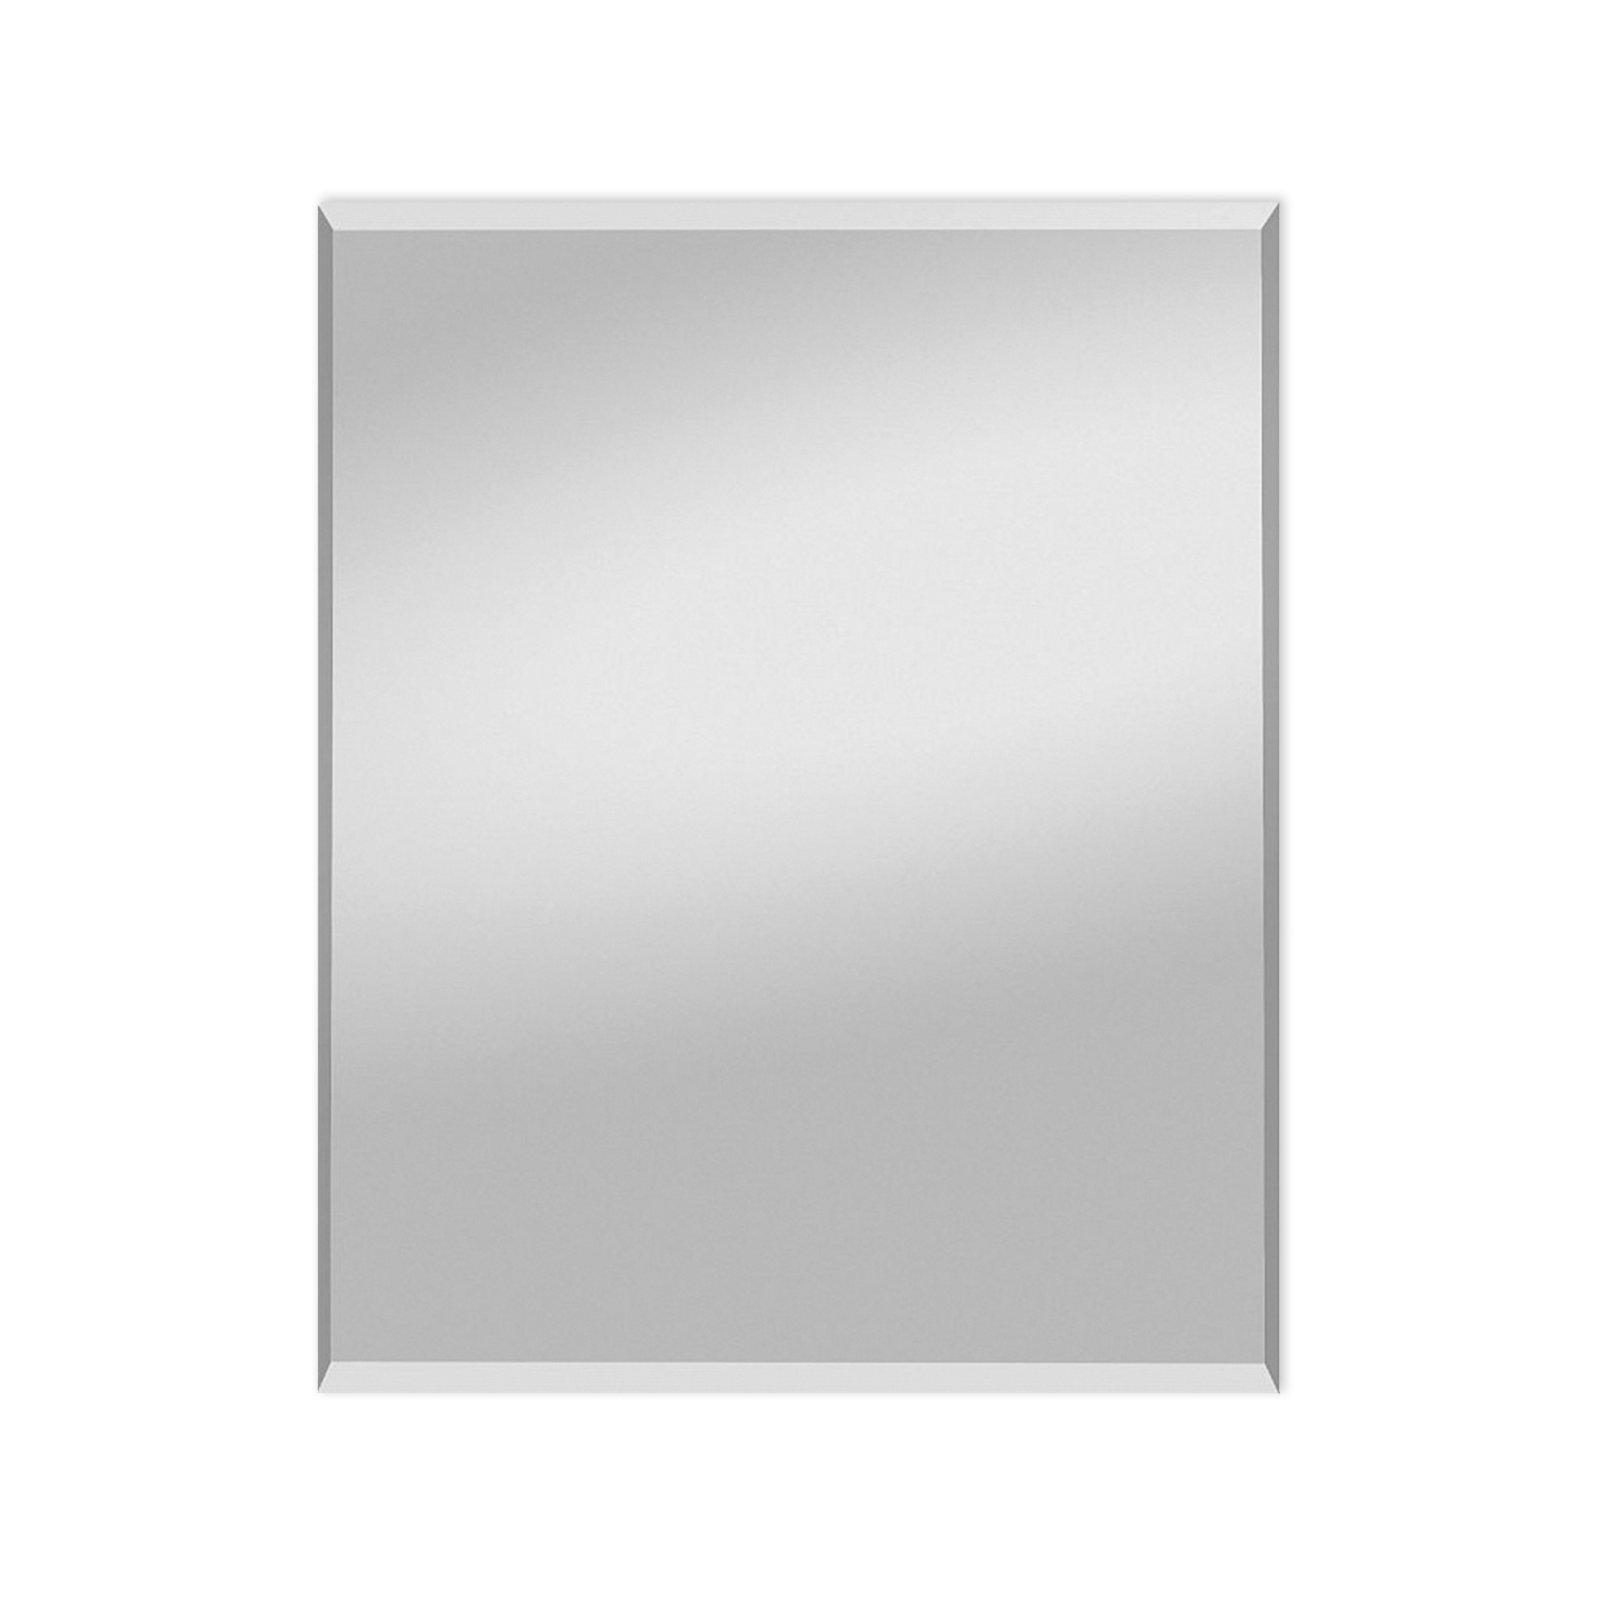 spiegel max mit facettenschliff 50x70 cm wandspiegel spiegel deko haushalt roller. Black Bedroom Furniture Sets. Home Design Ideas